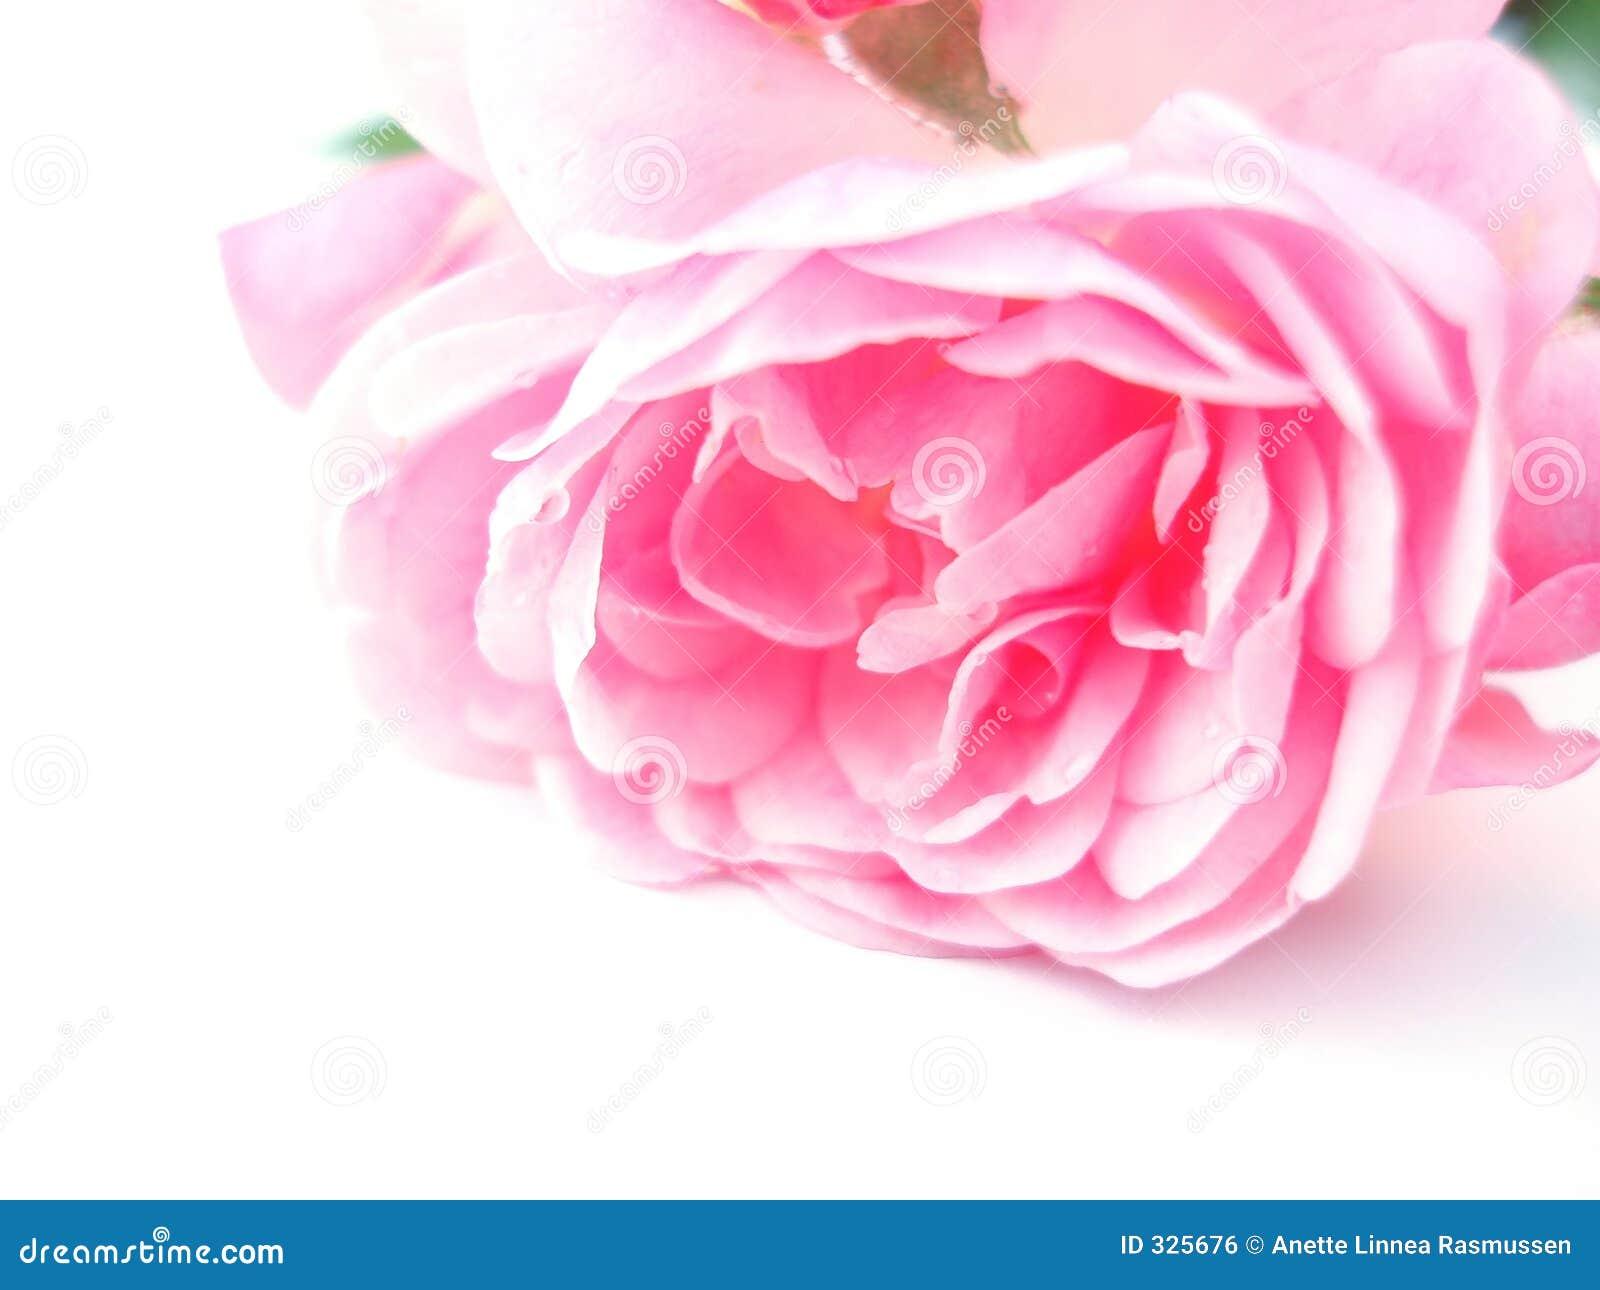 唯一粉红色的玫瑰